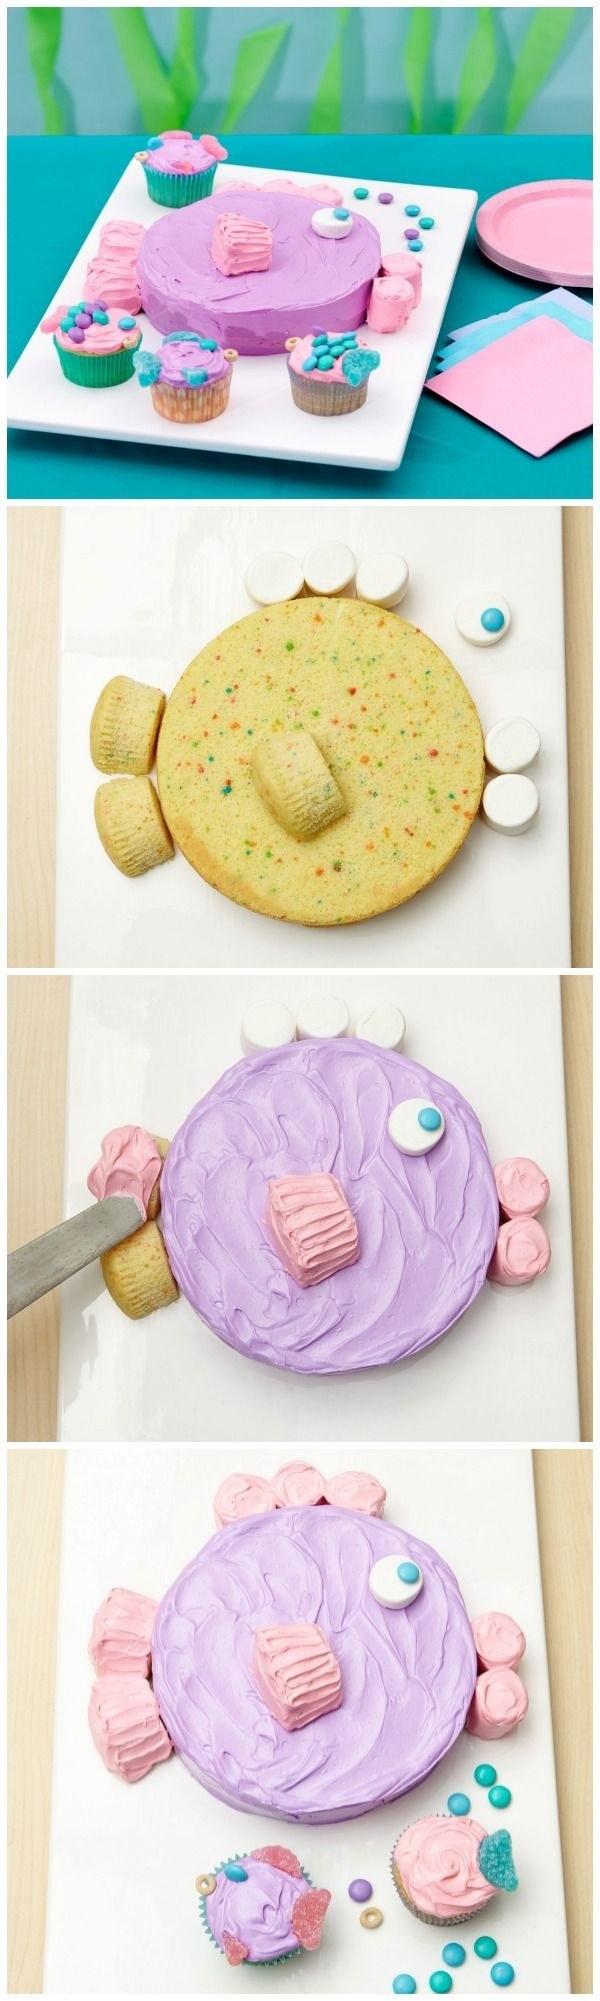 Торт для детей своими руками